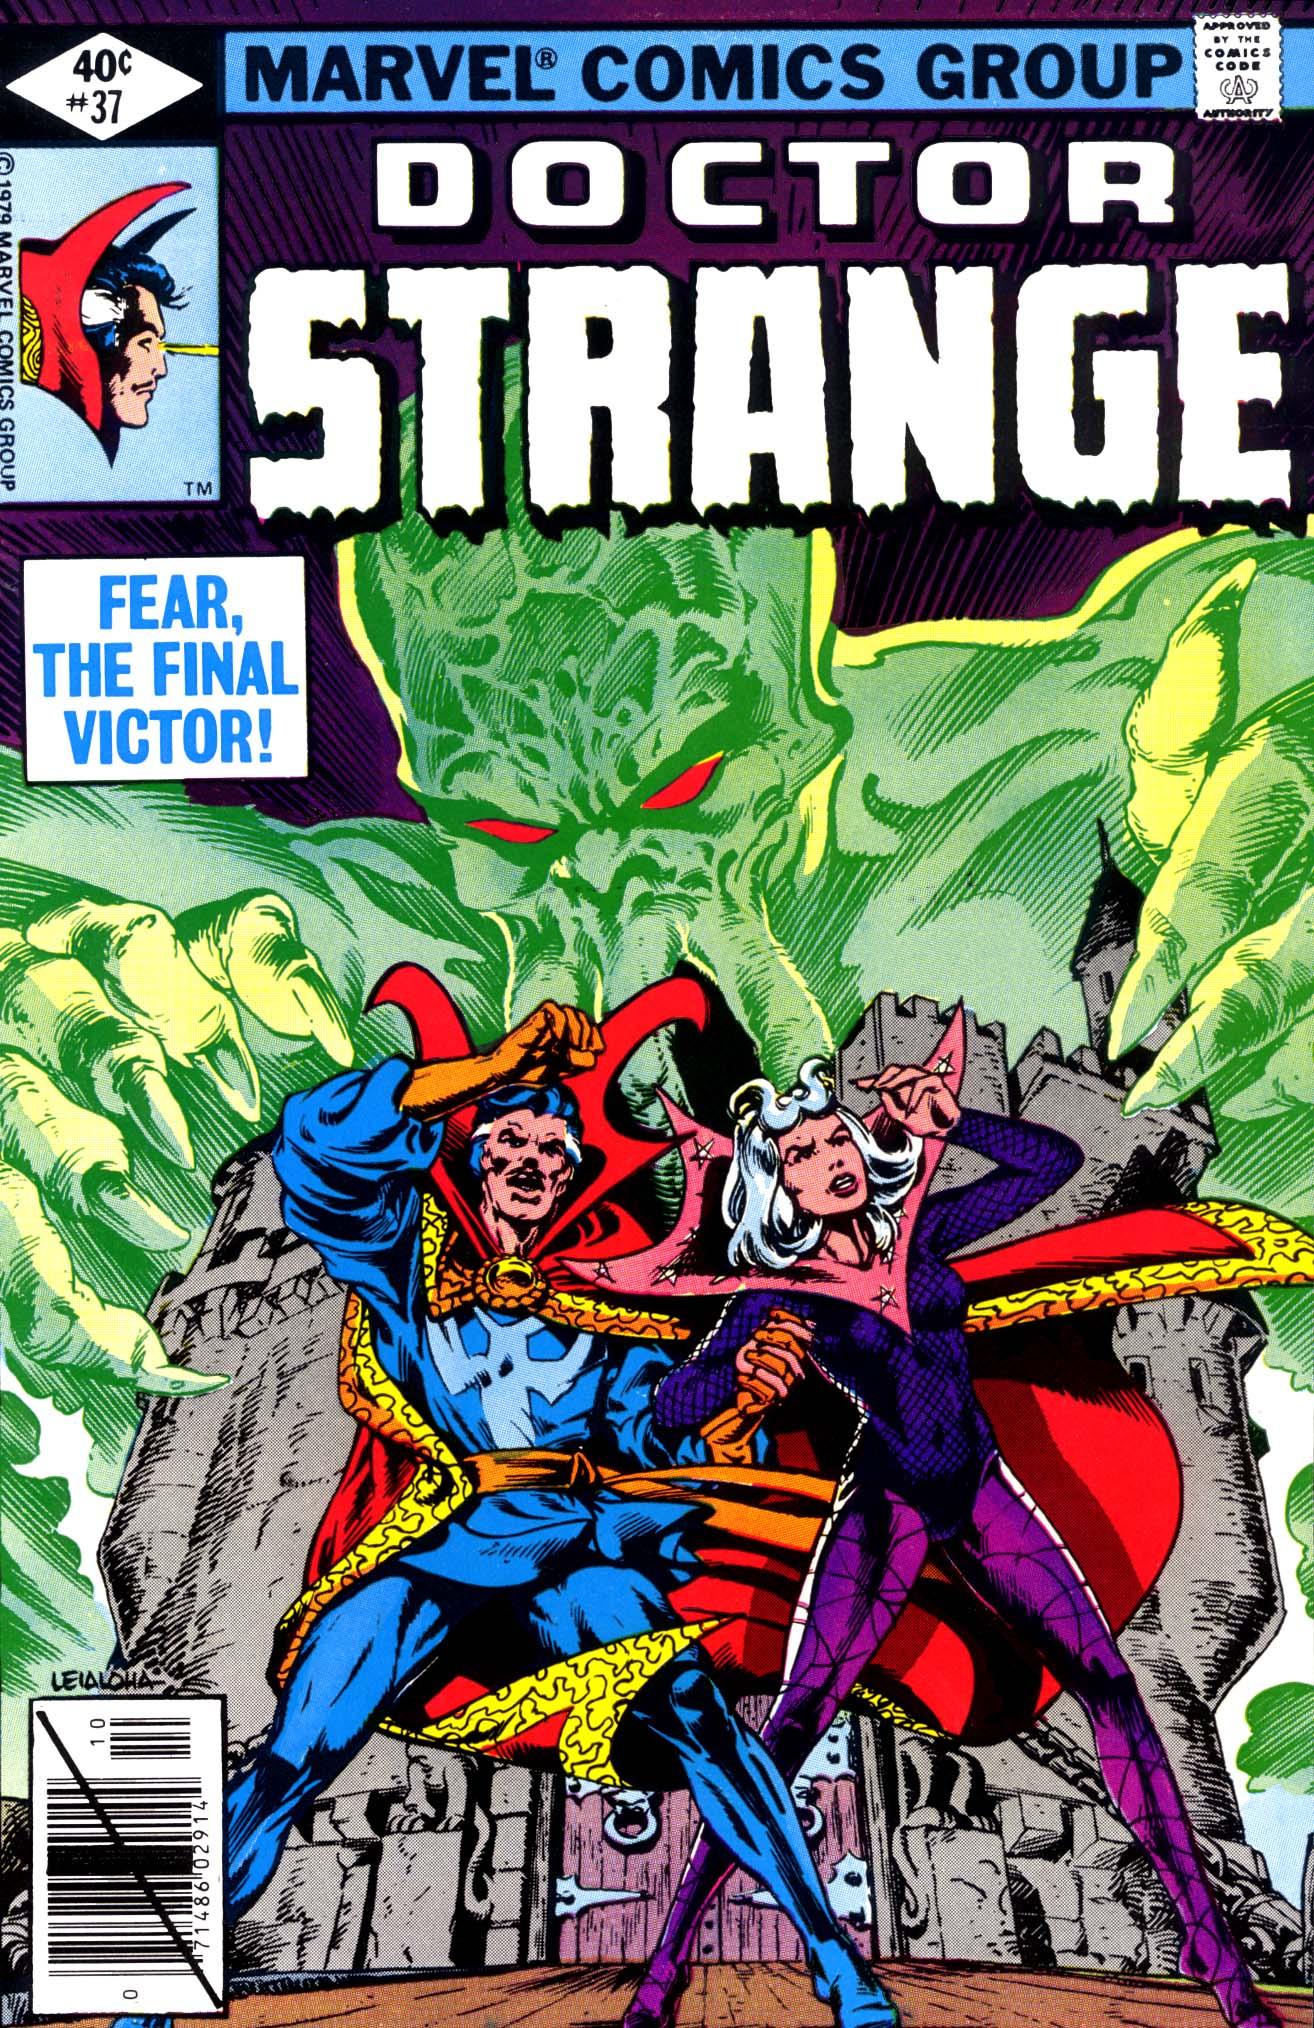 Doctor Strange (1974) 37 Page 1